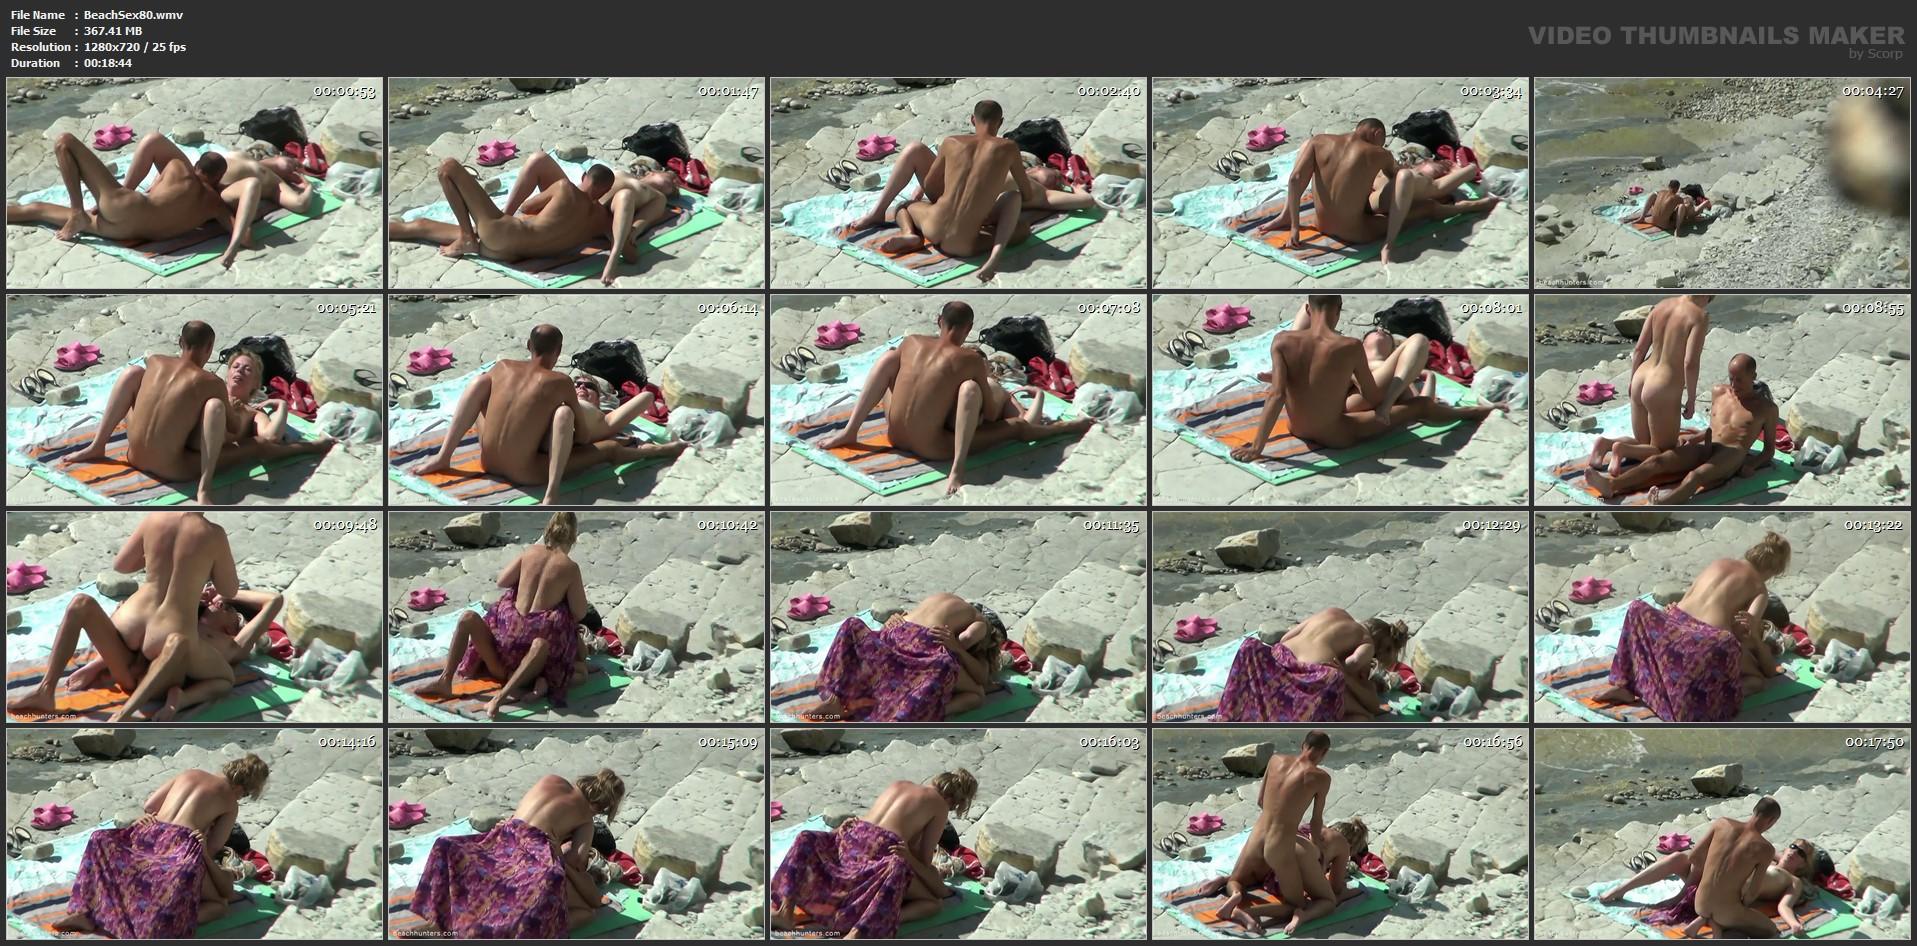 beachsex80-wmv